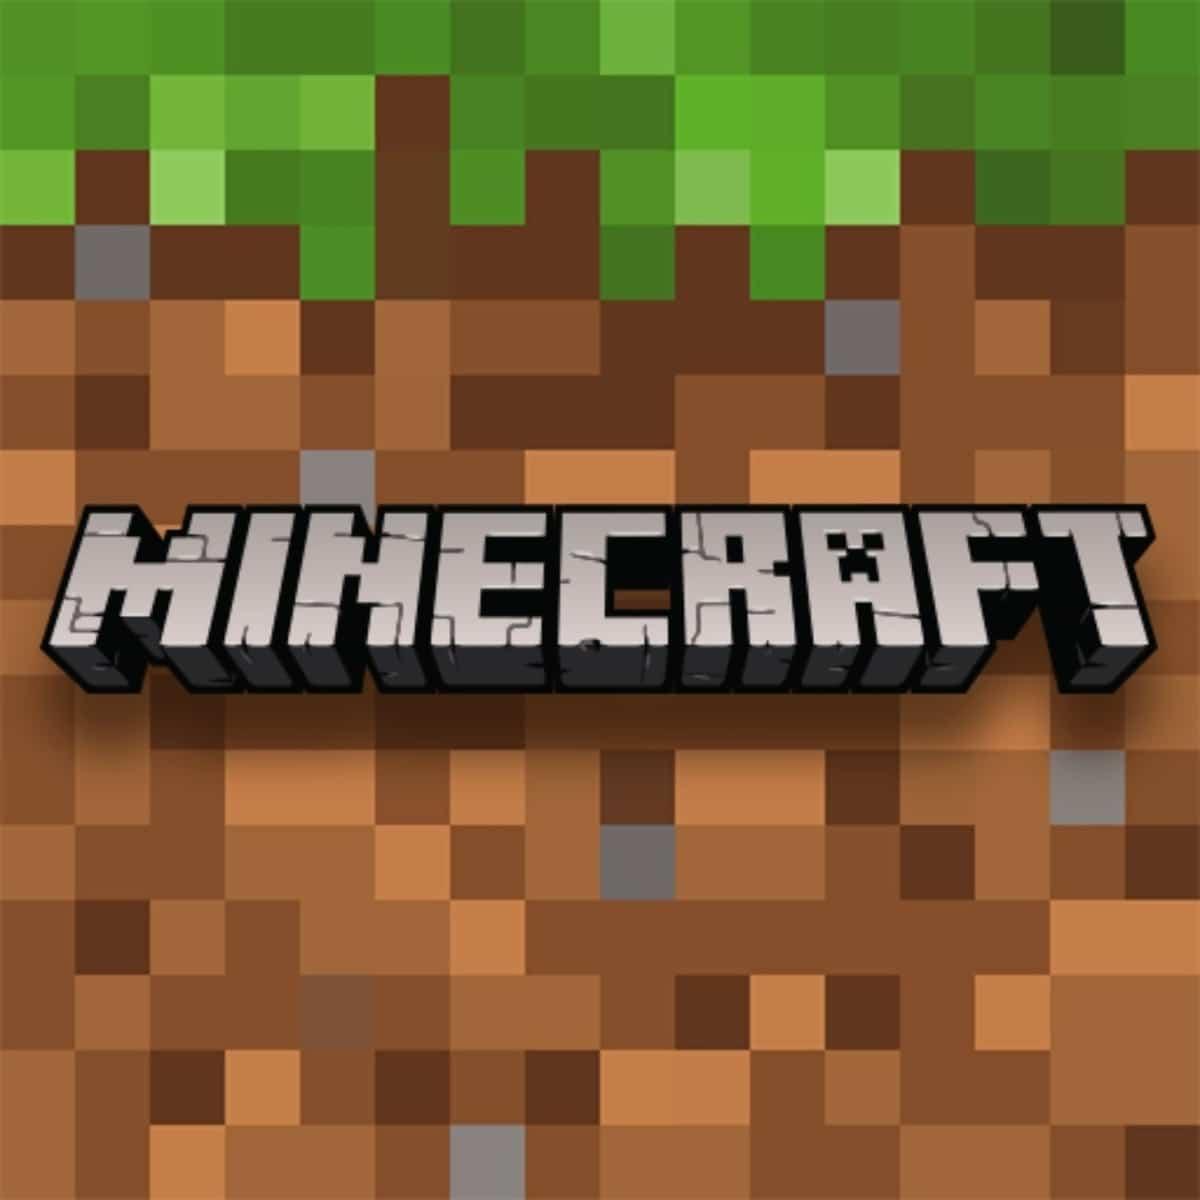 دانلود Minecraft 1.16.20.50 – بازی محبوب و پرطرفدار ماینکرفت